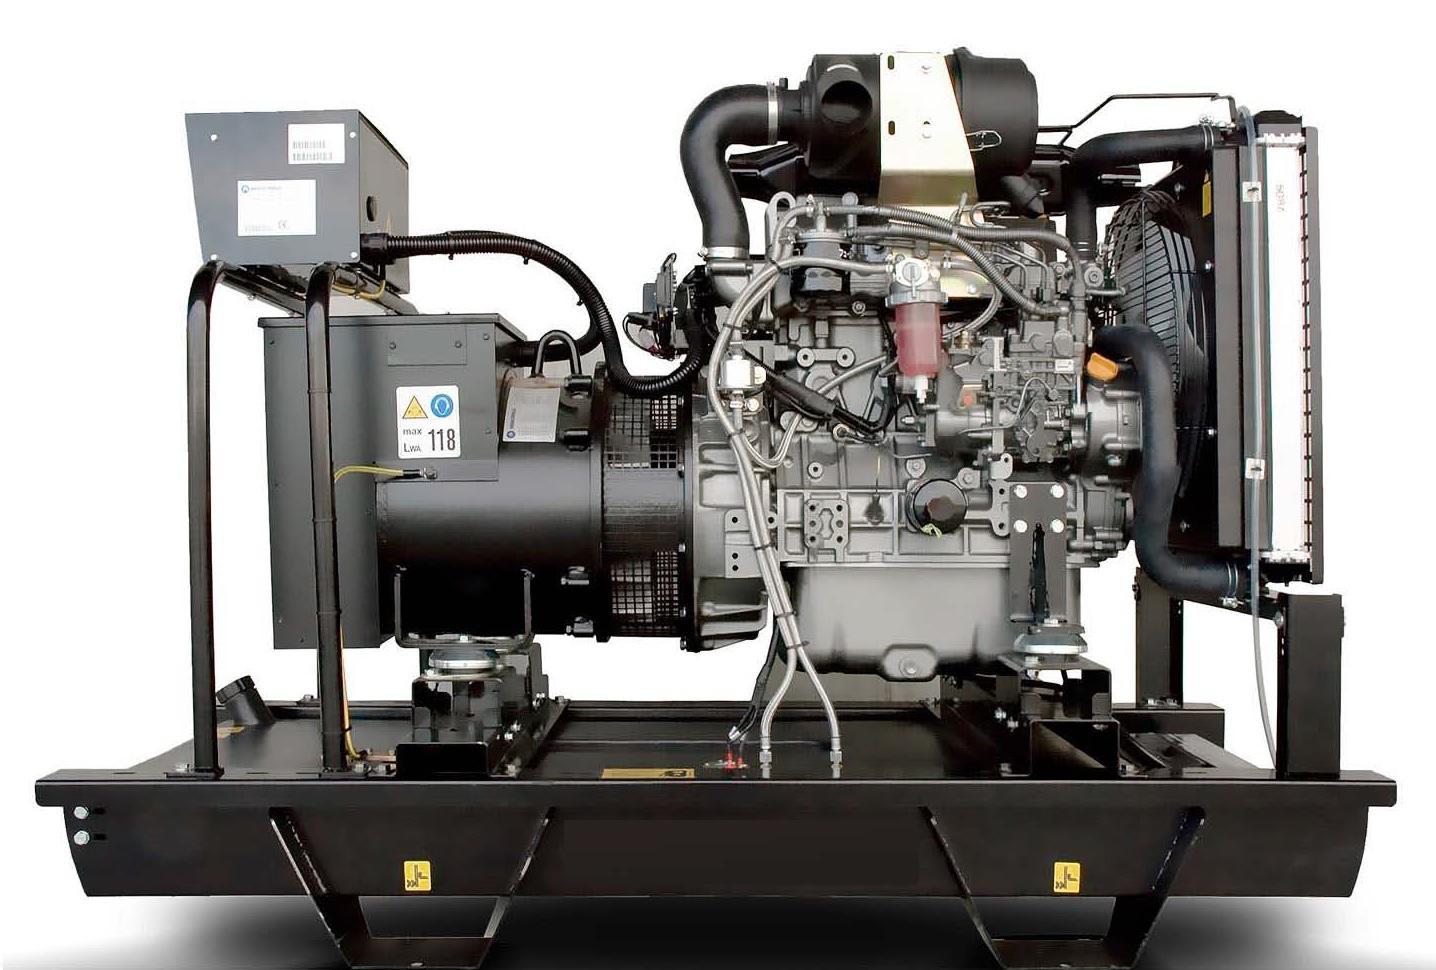 Дизельный генератор Energo Ed 35/400 y (22970) дизельный генератор energo ed 300 400 d s 23980